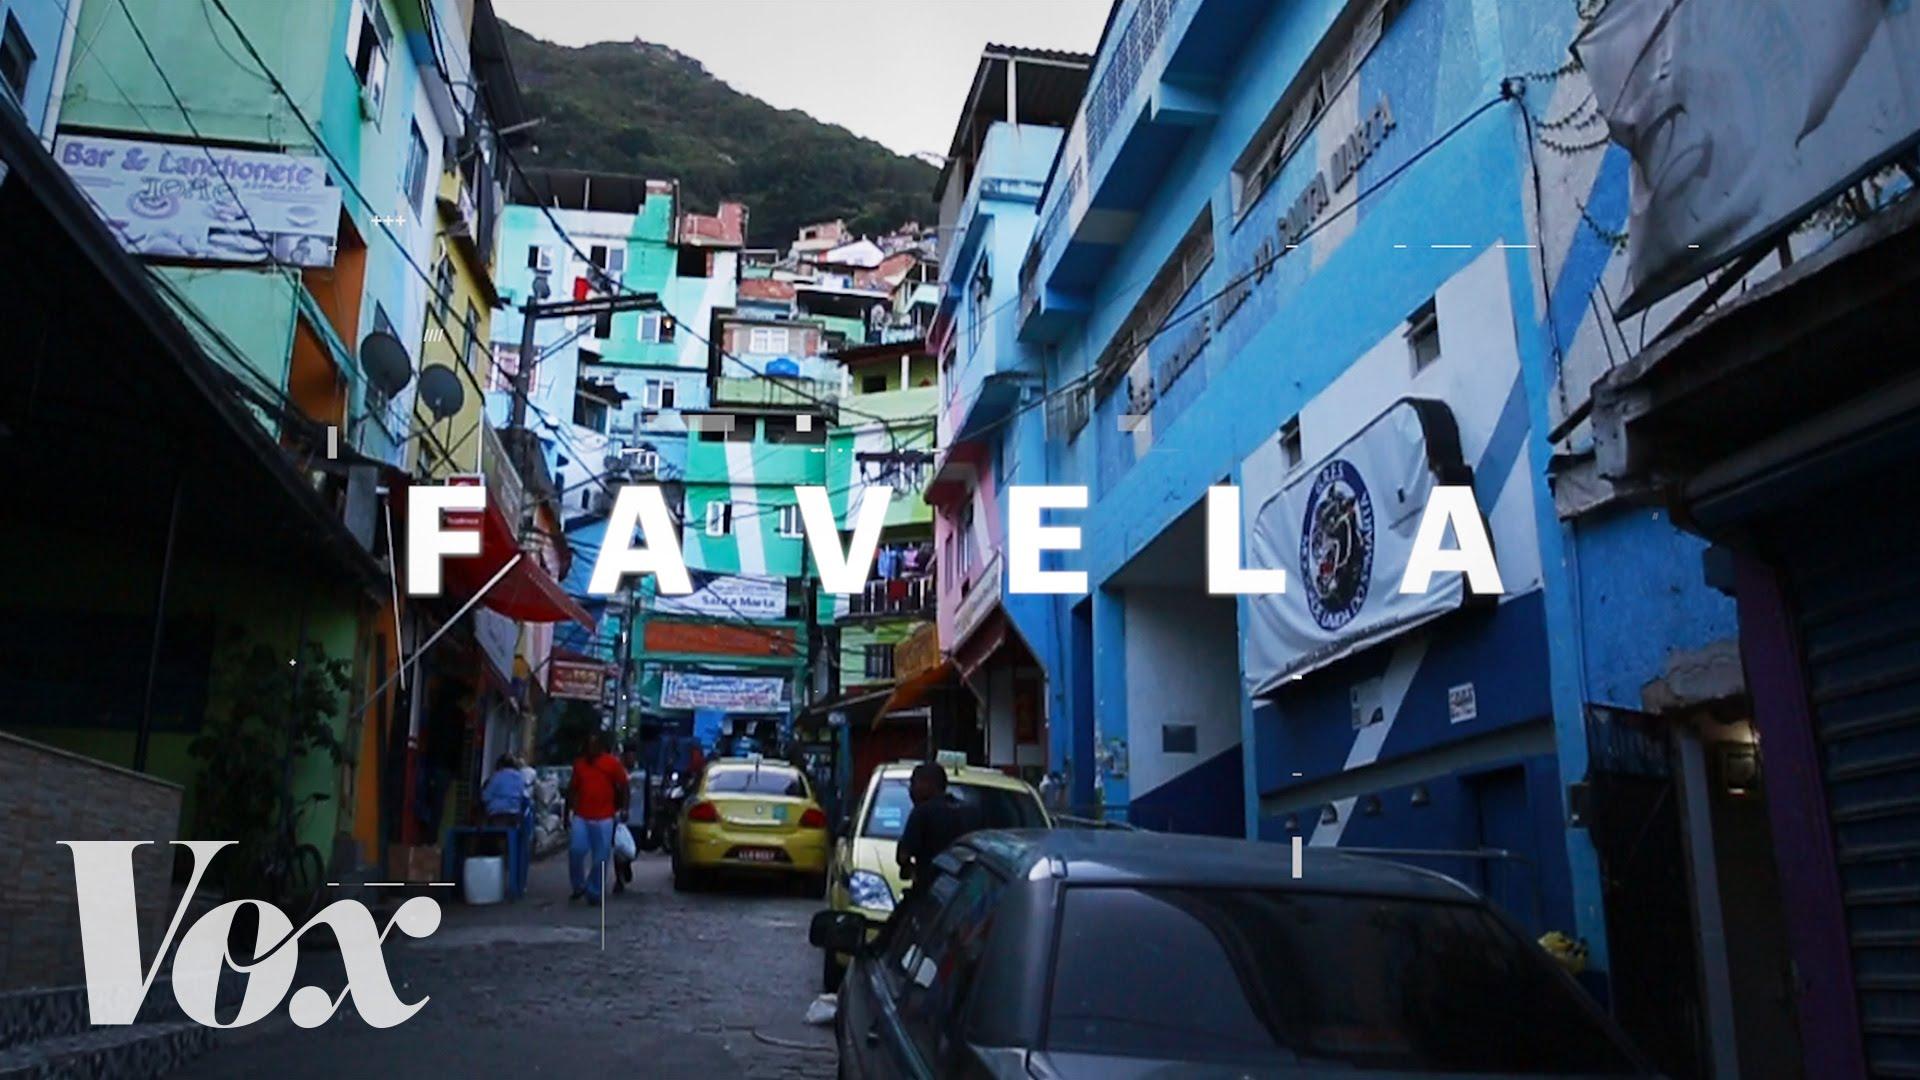 Inside Rio's favelas, the city's neglected neighborhoods